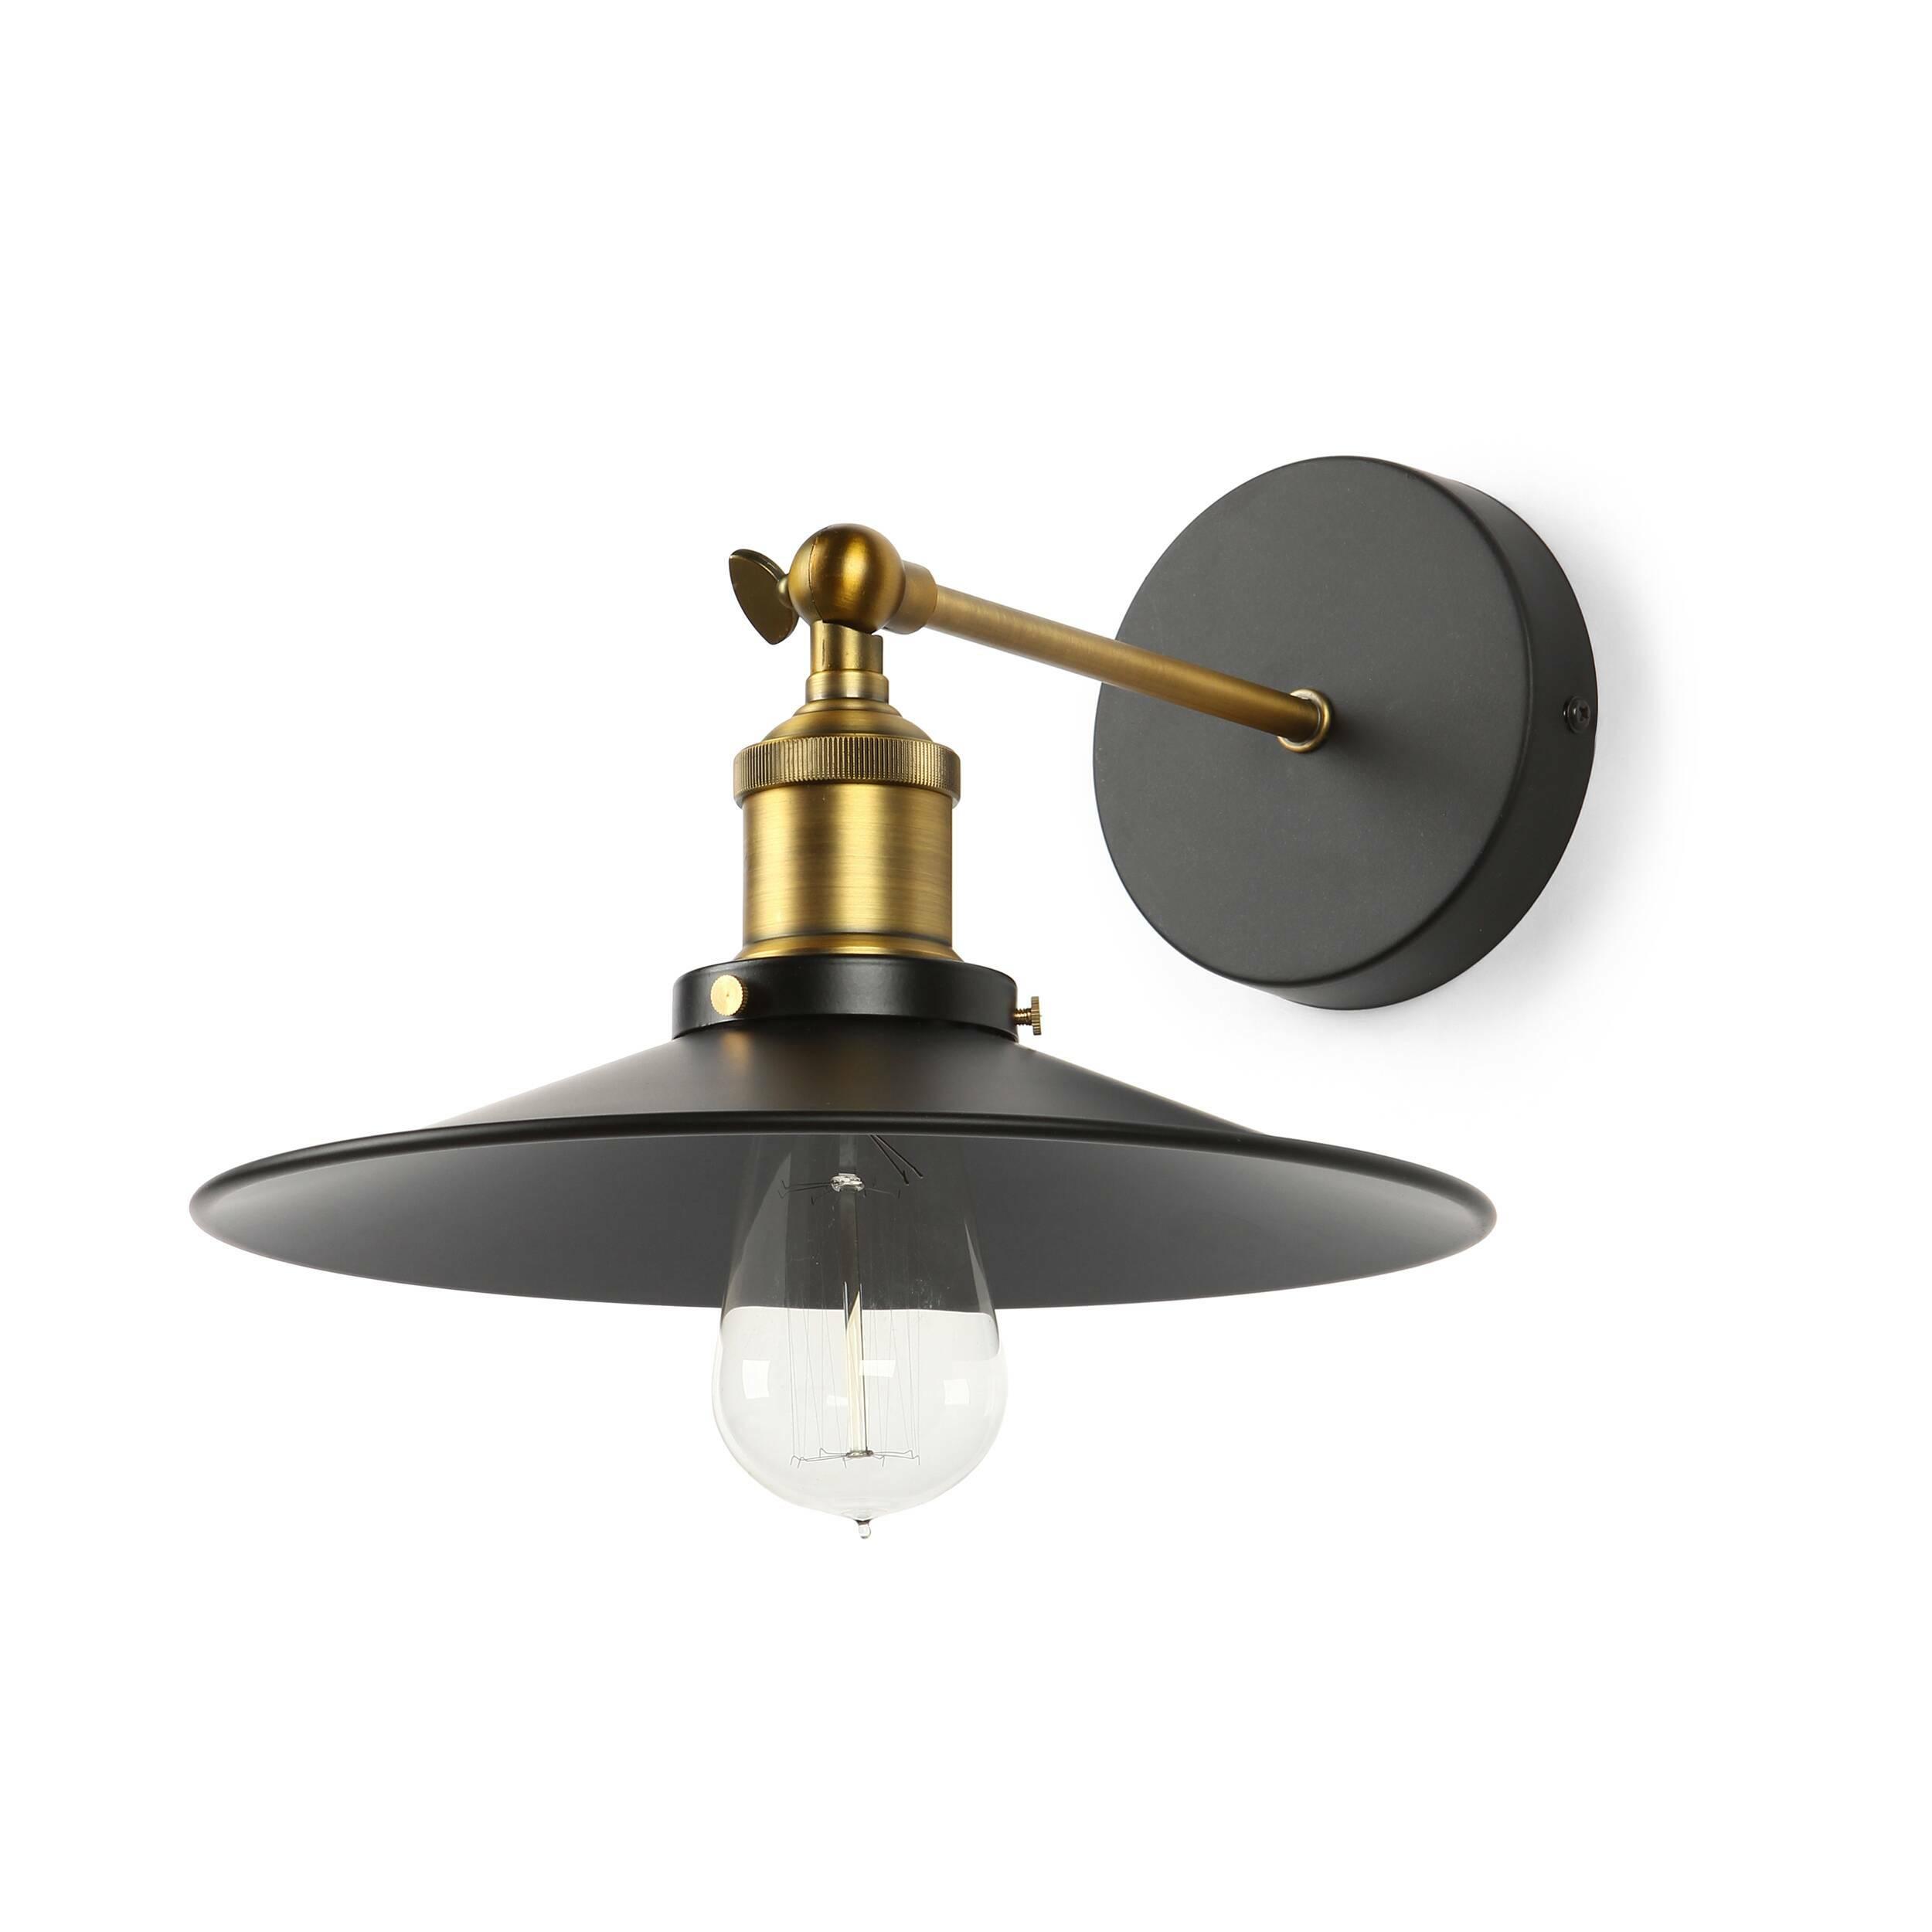 Настенный светильник Cosmo 15577146 от Cosmorelax